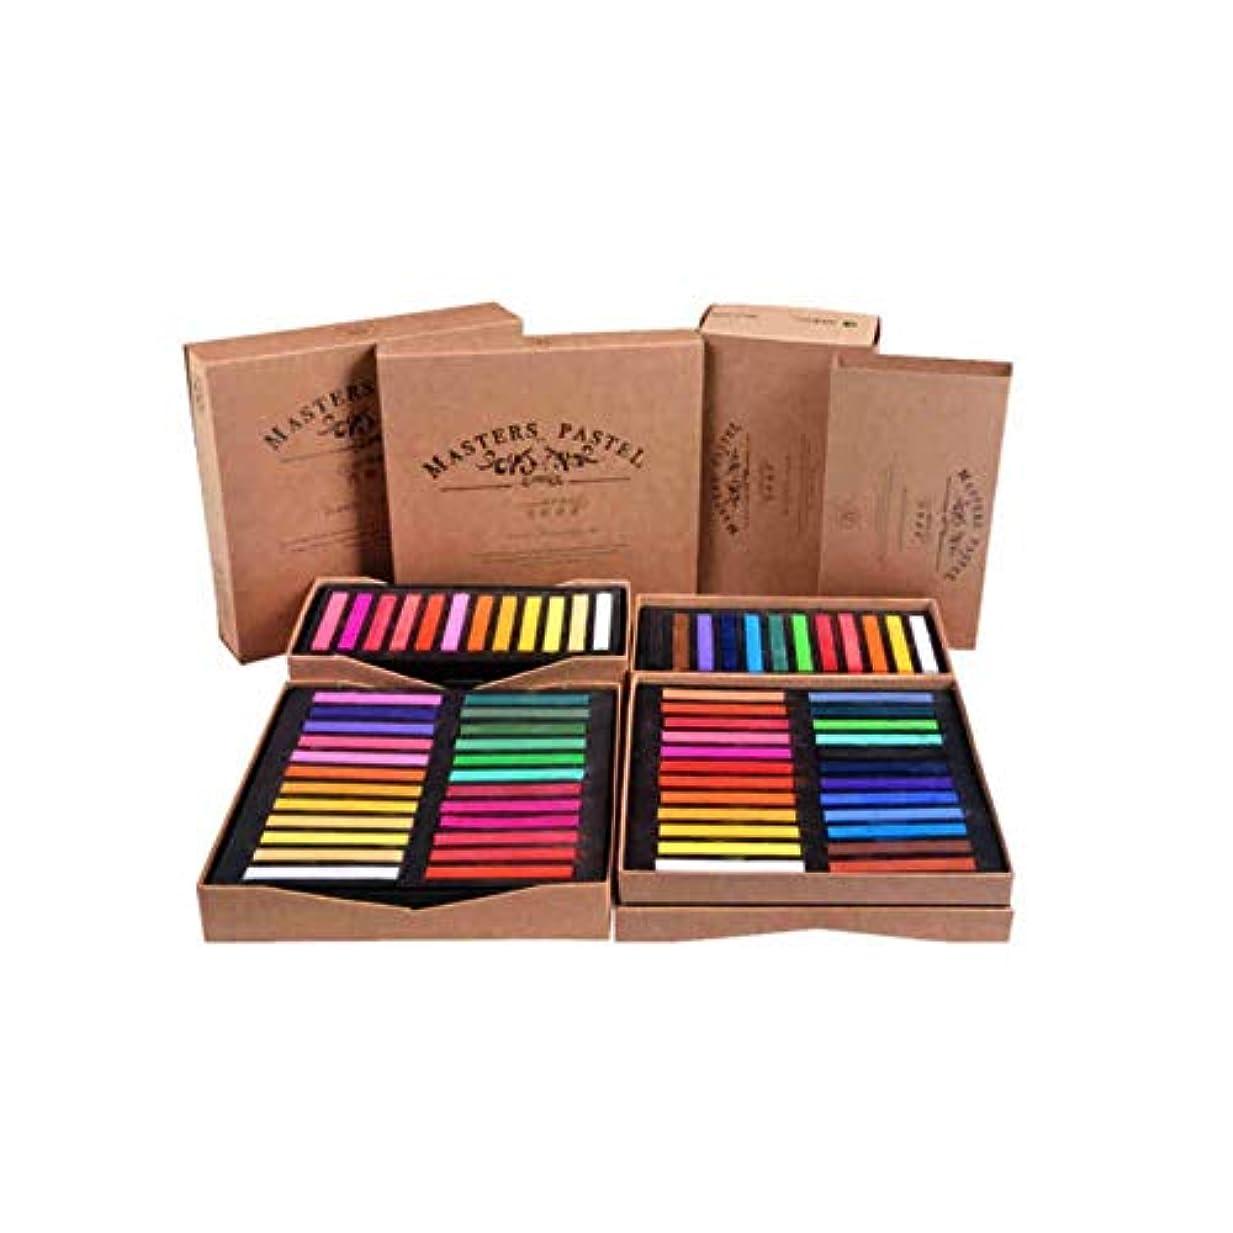 ブラザーうがい言語学Hongyunshanghang001 ペイントブラシ、安定した引き込み式のバリなし48色のペイントスティック、塗装は安定しており、揺れず、ファインポリッシュ、ファインアートペインティング、特殊パウダーブラシ(48色、17 * 17 * 5cm) 絶妙な技量 (Color : 48 colors, Size : 17*17*5cm)